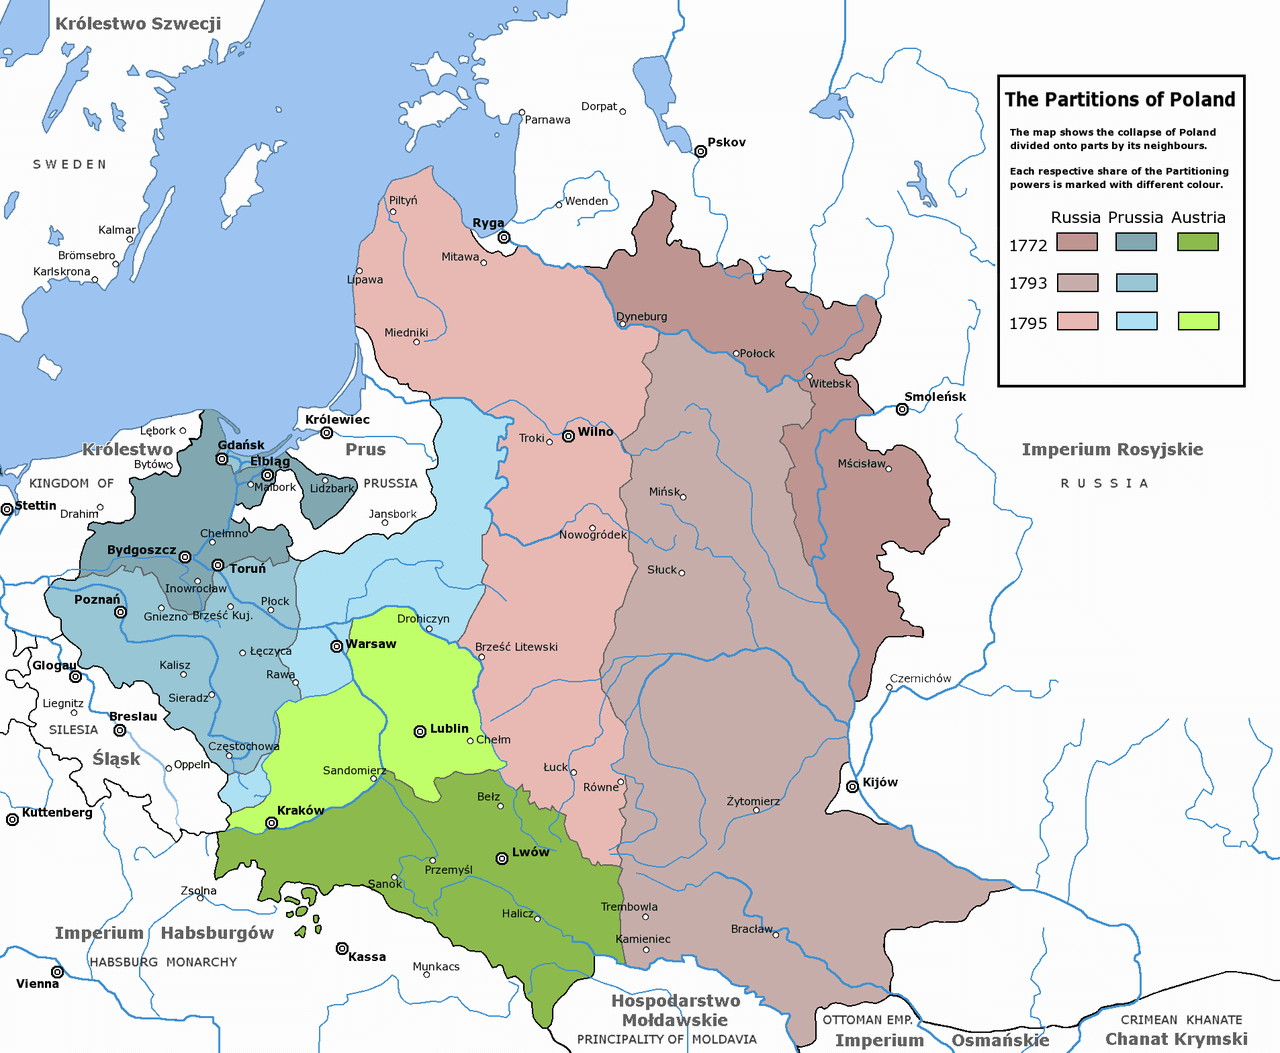 Польша в границах Речи Посполитой